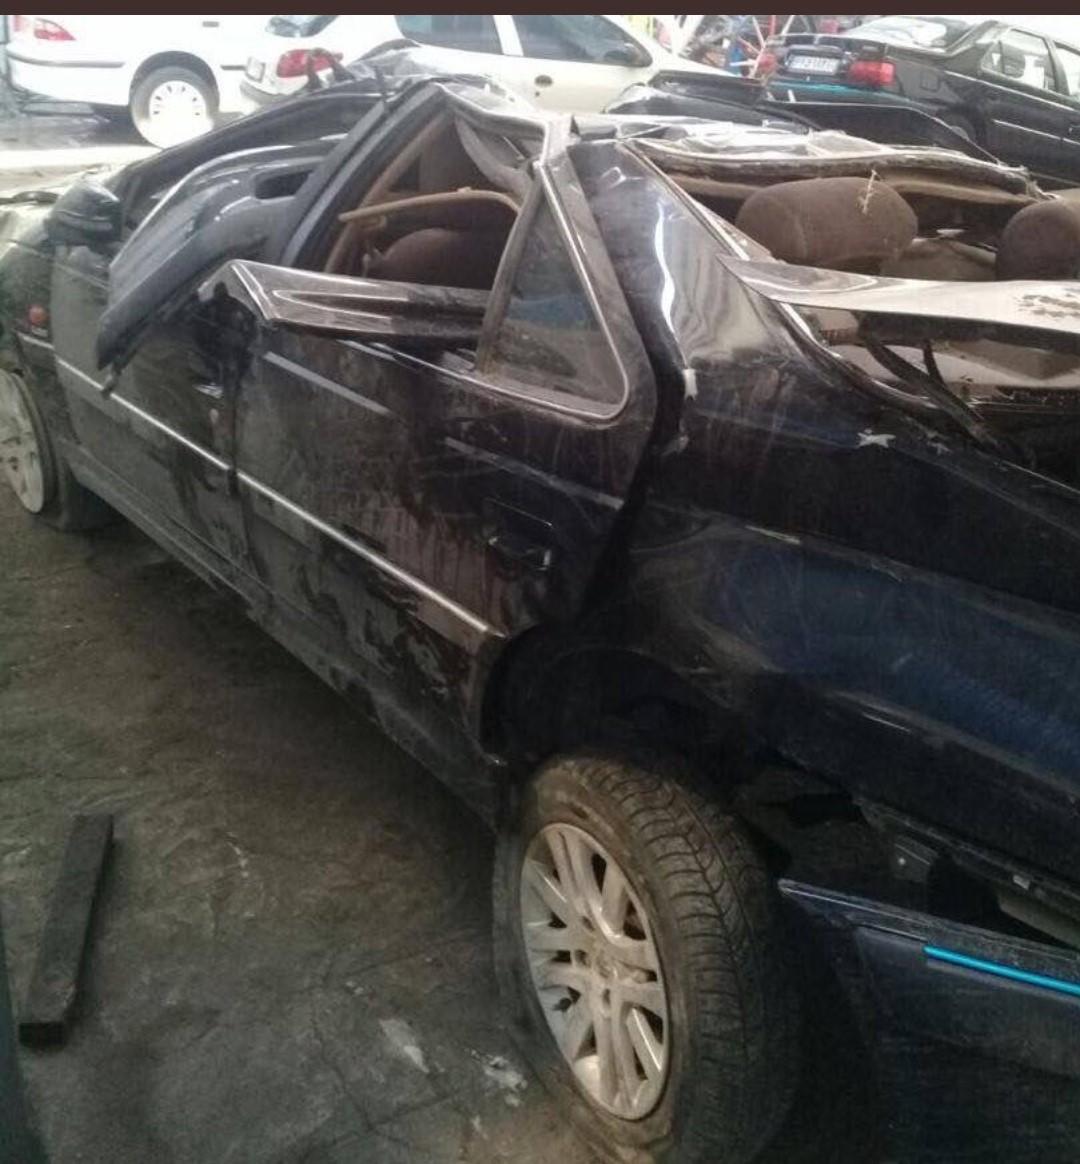 تصادف مرگبار برادر عضو شورای شهر با خودروی سازمانی! + عکس